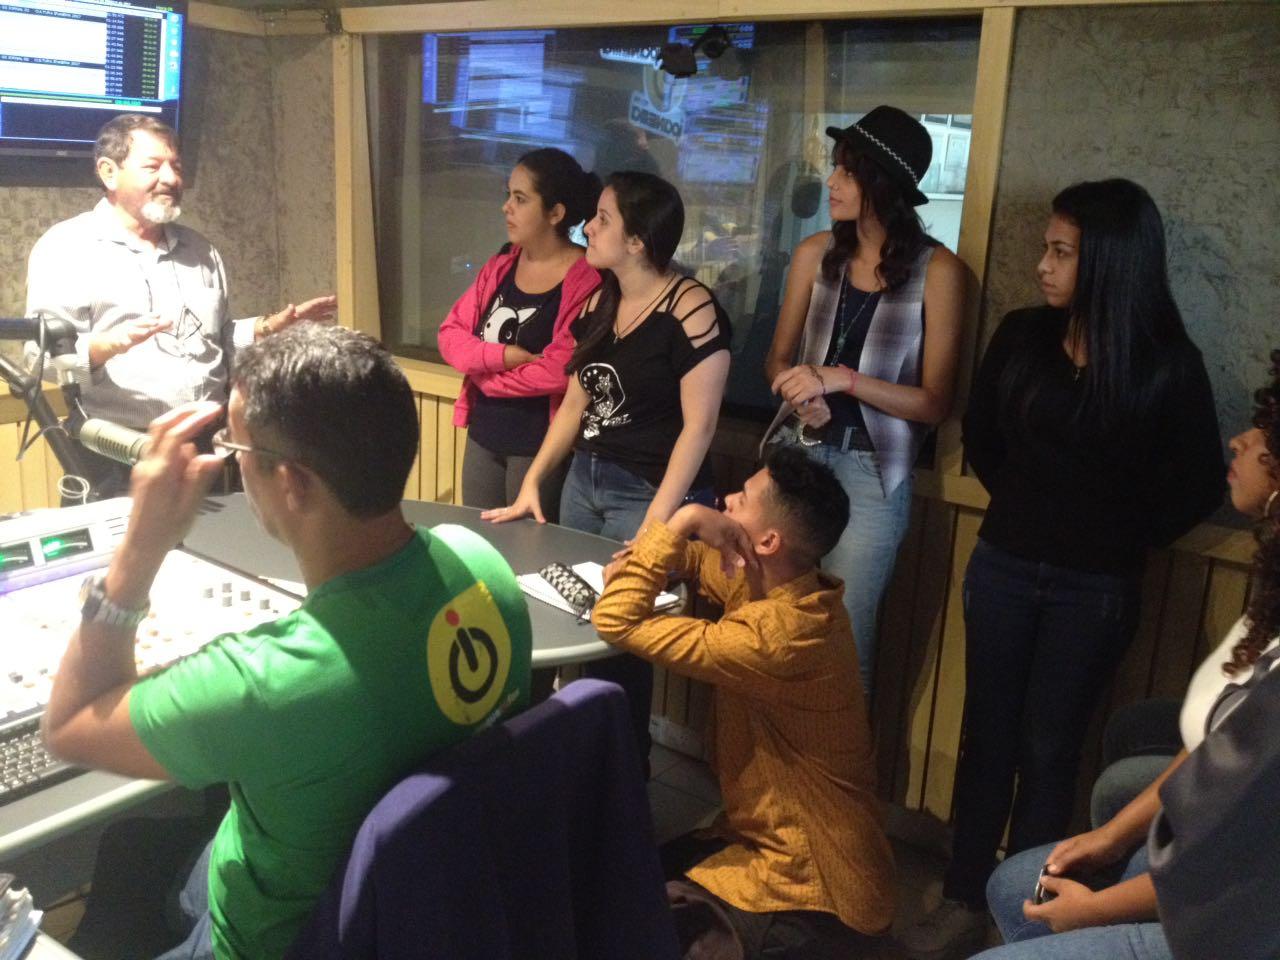 Os alunos do terceiro semestre do curso de Jornalismo da Universidade de  Sorocaba (Uniso) tiveram a oportunidade de conhecer a sede da rádio e  jornal ... 17a70ac406bea